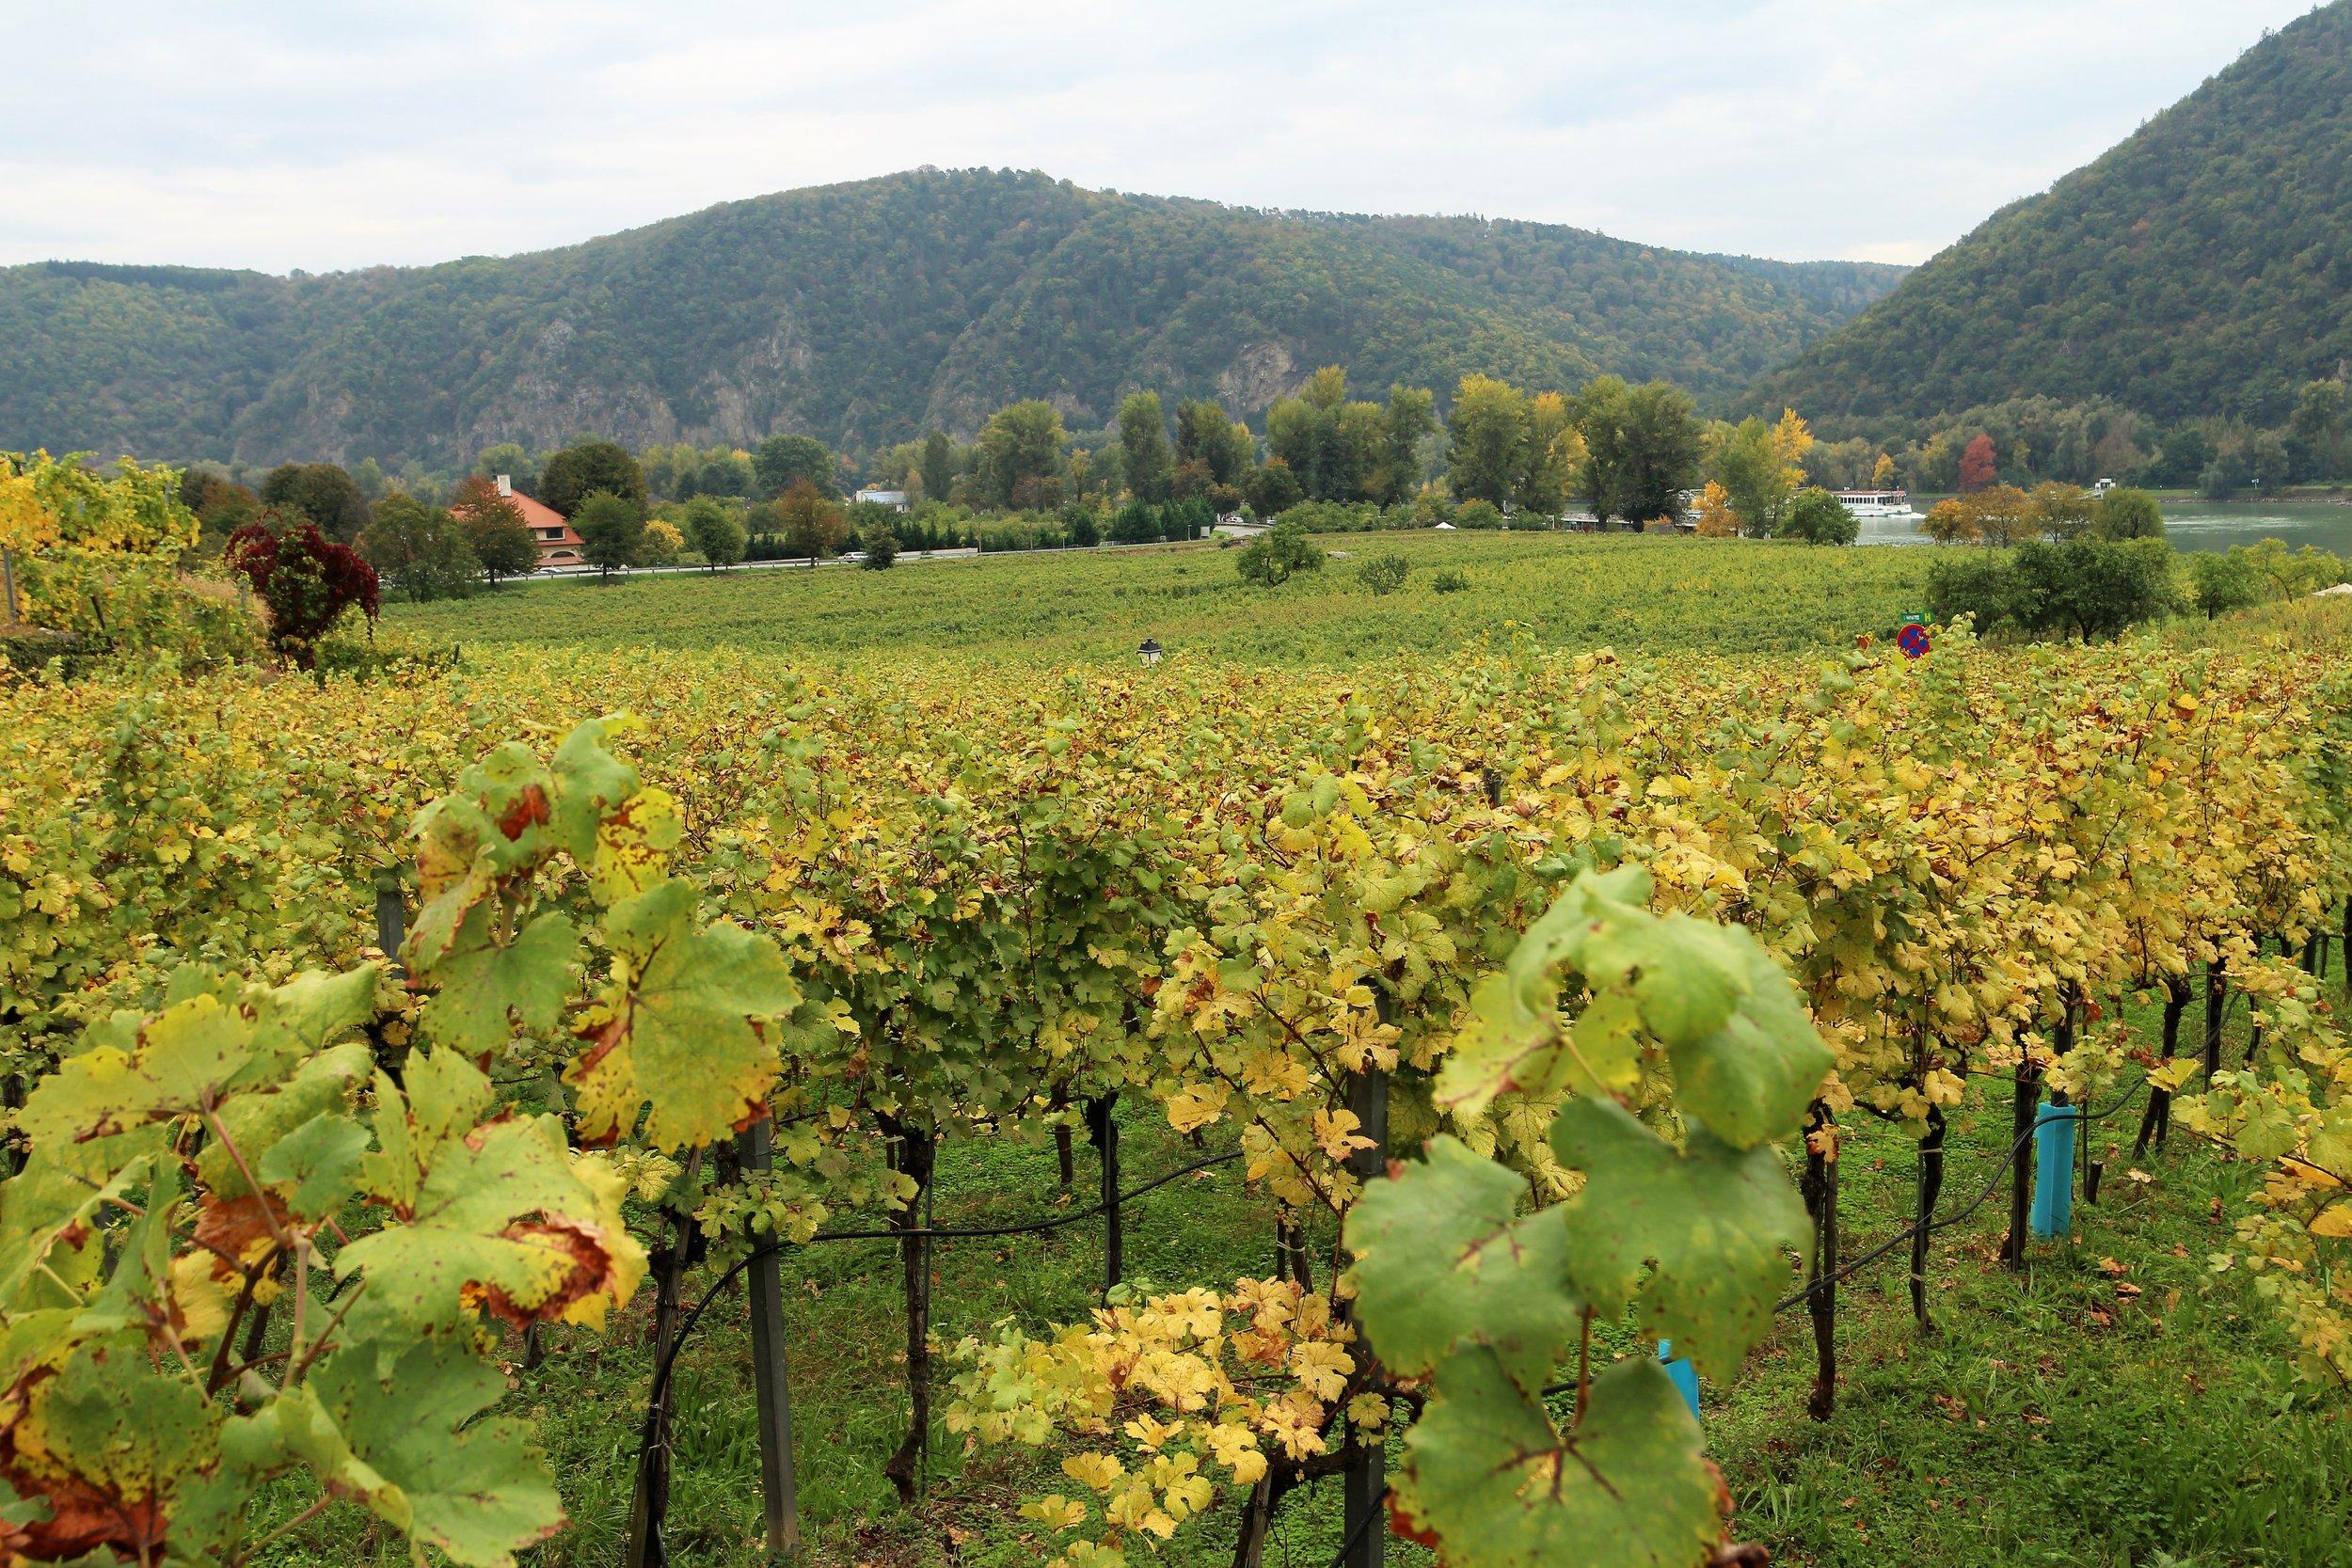 Vineyards in the Wachau Valley, Austria